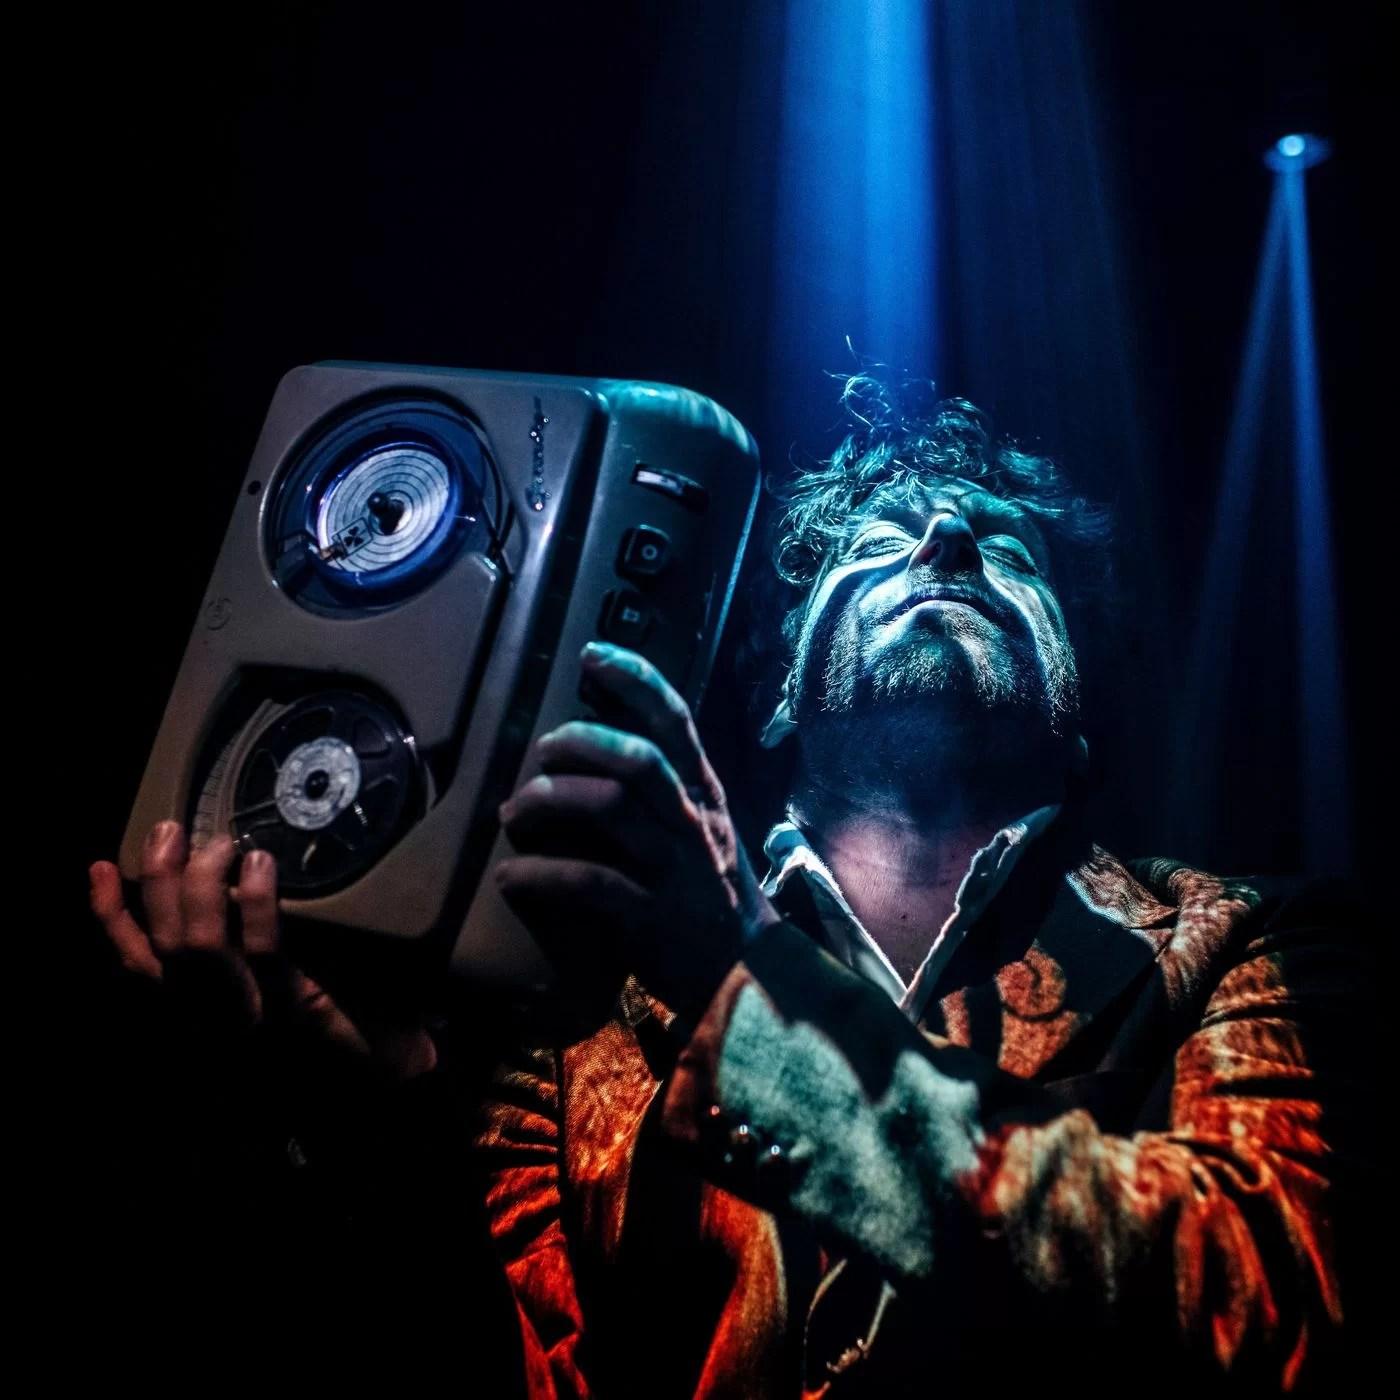 The portal: intervista a Martin Green. Tra danza popolare e rave